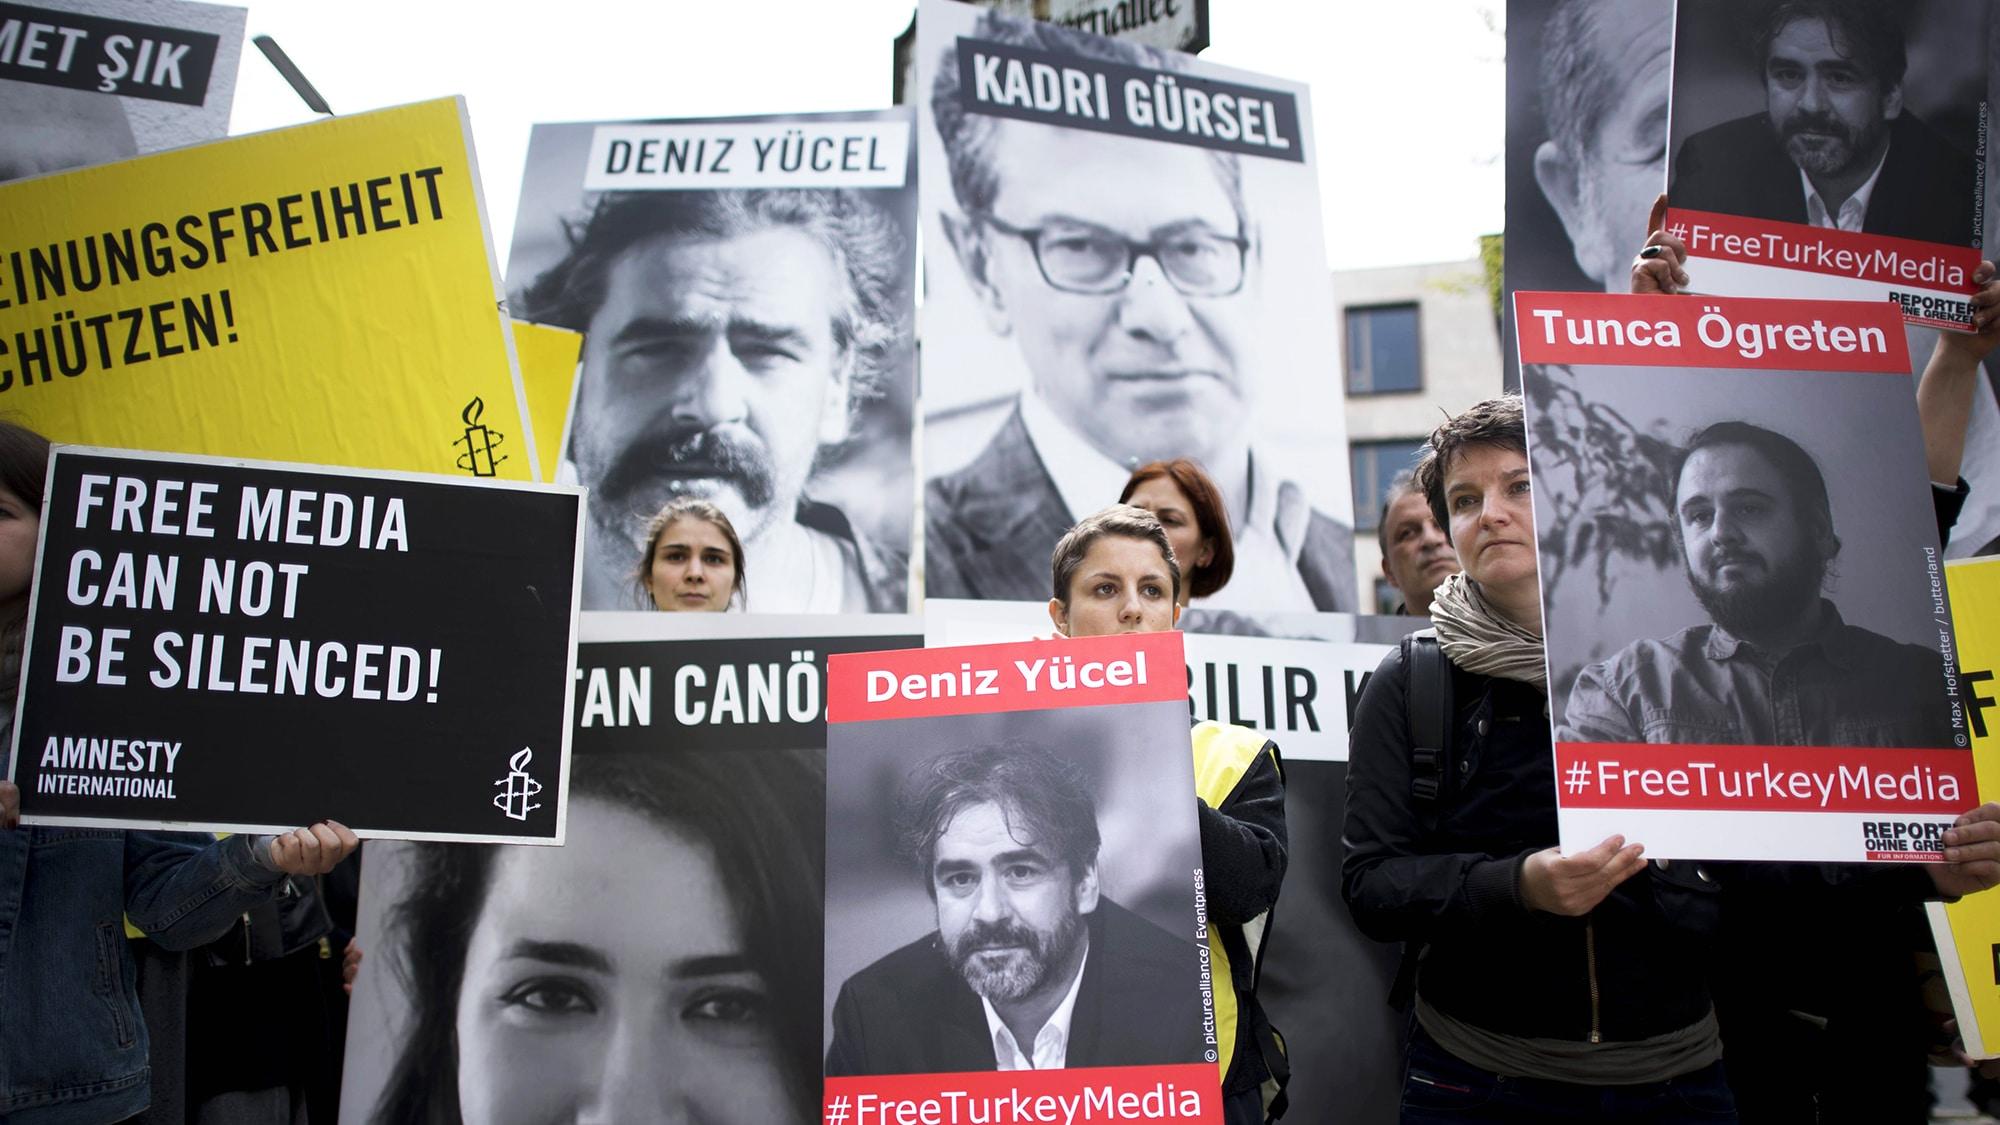 Pressefreiheit - Free Deniz Yucel protest Deutschland, Germany, Berlin, 03.05.2017 Demonstrantin mit Plakat Freiheit fuer all